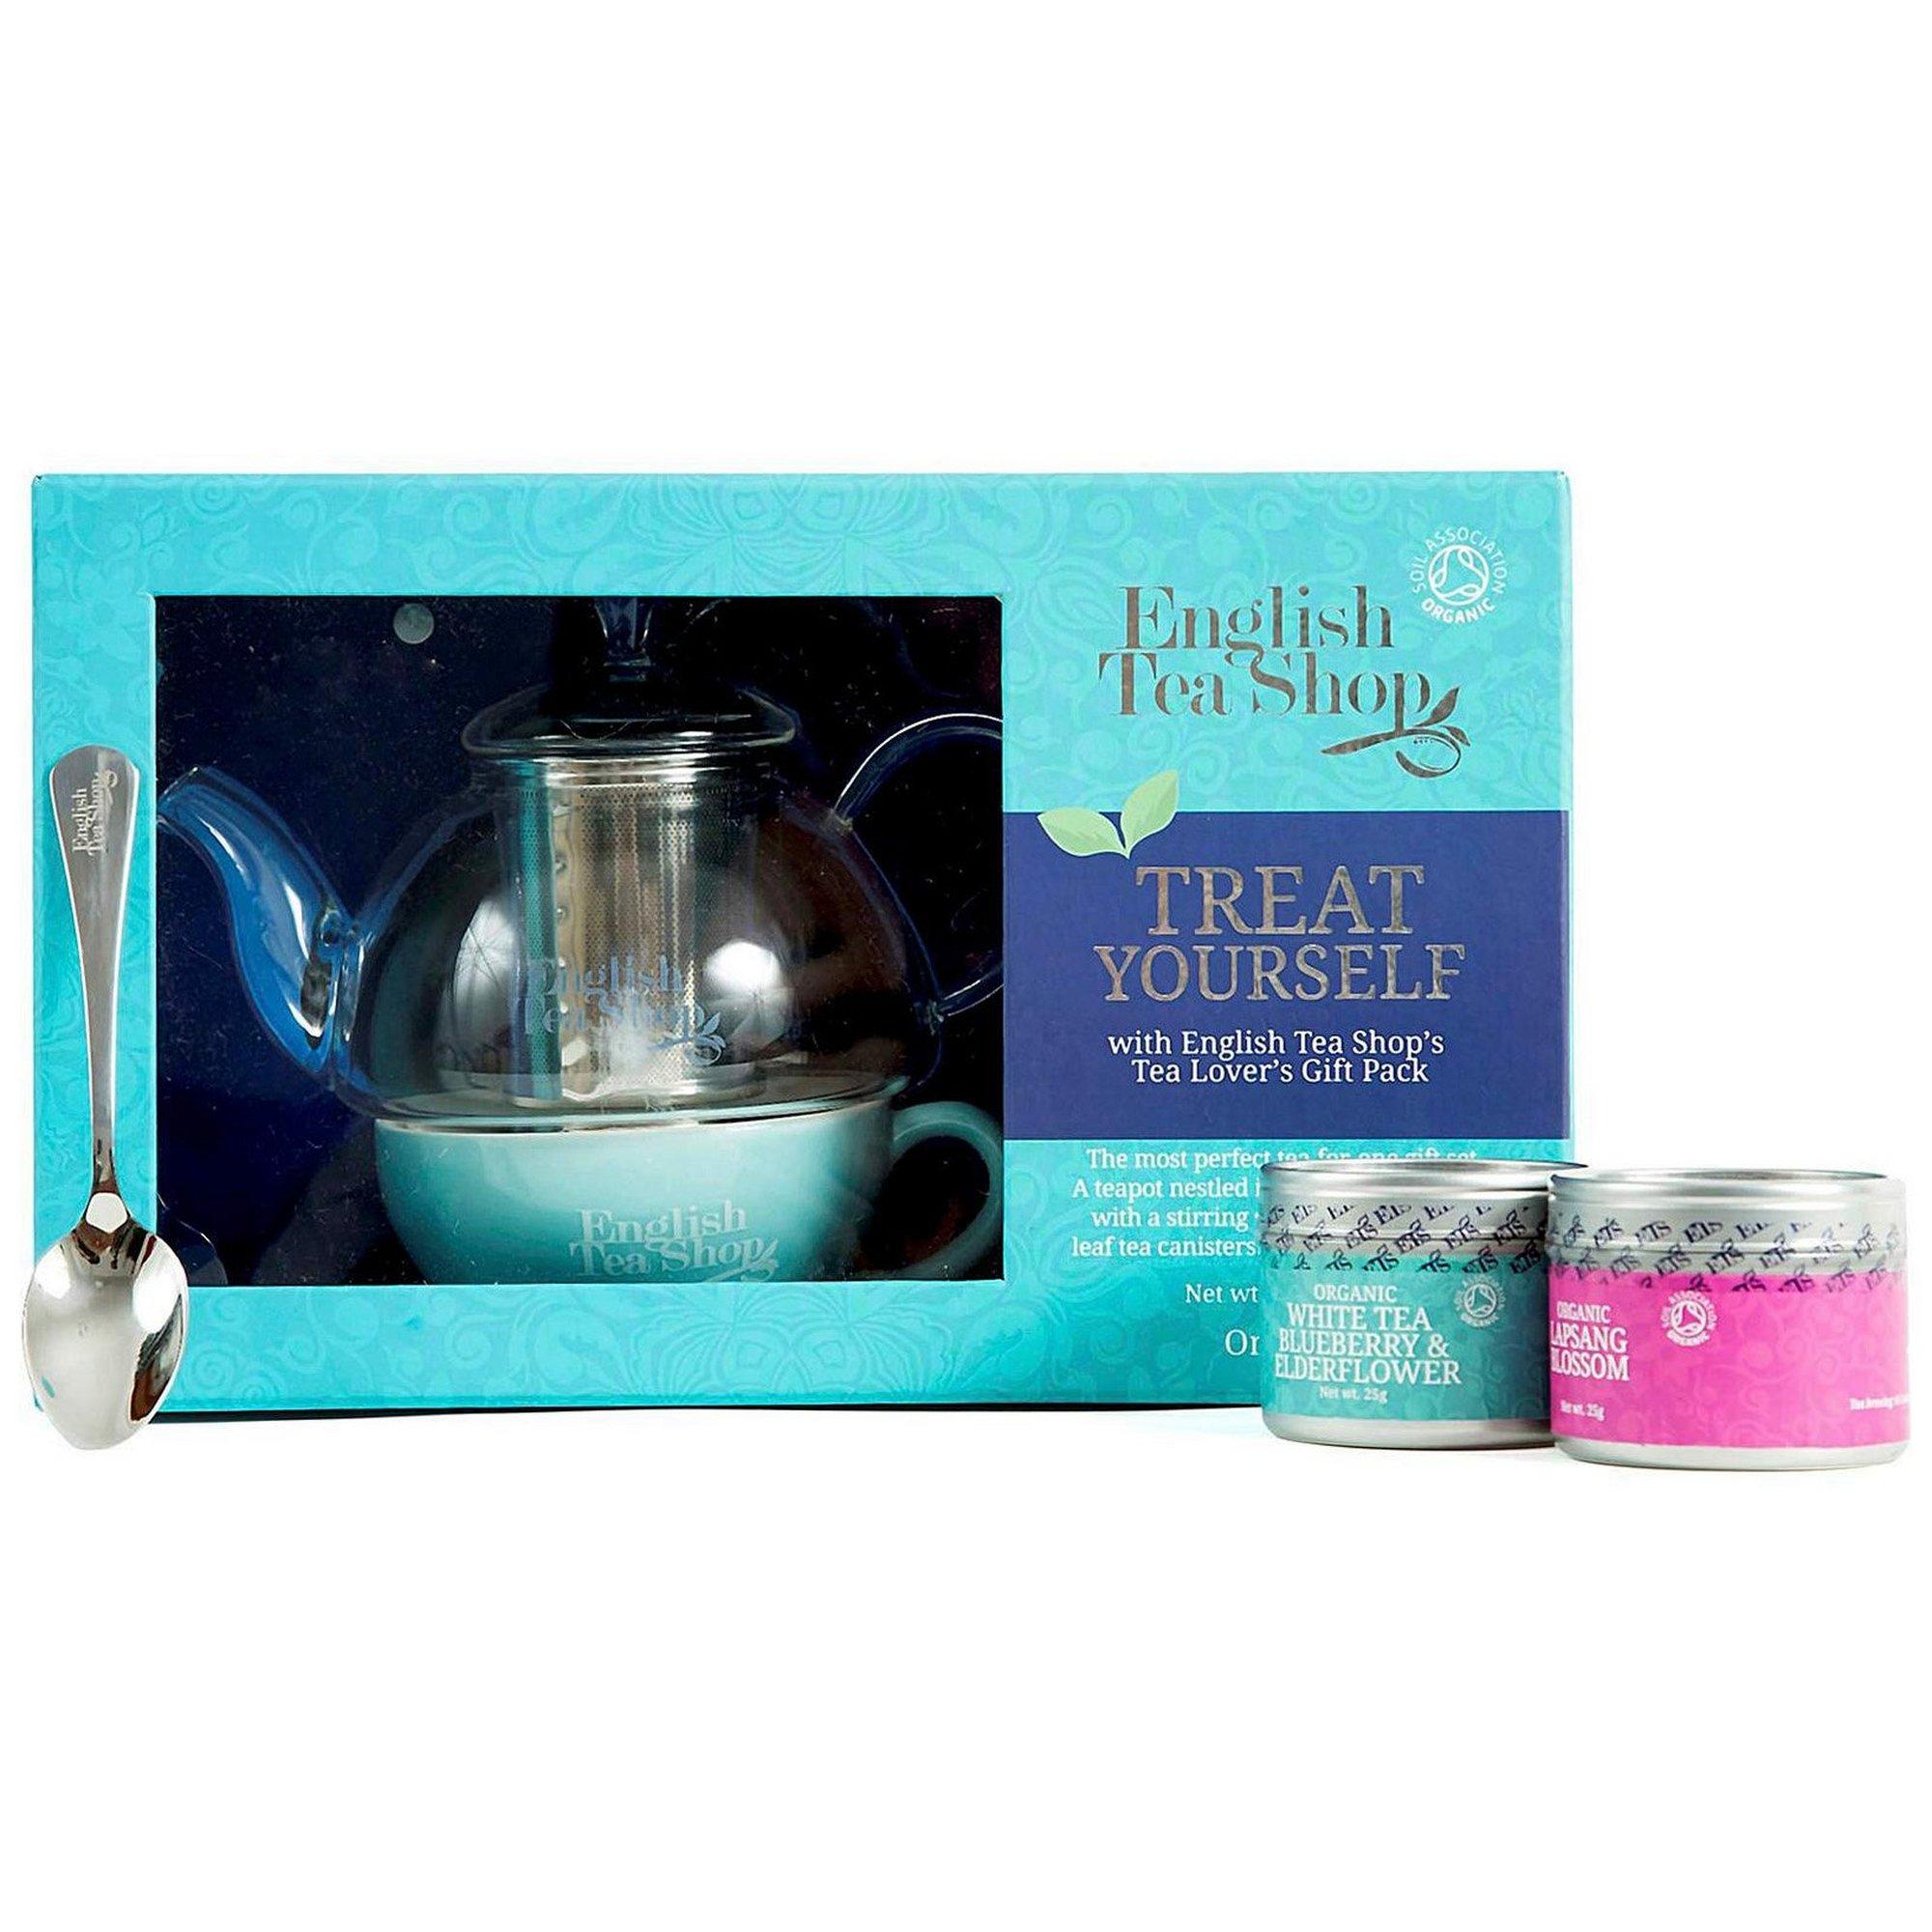 Image of English Tea Shop Loose Leaf Teas and Teapot